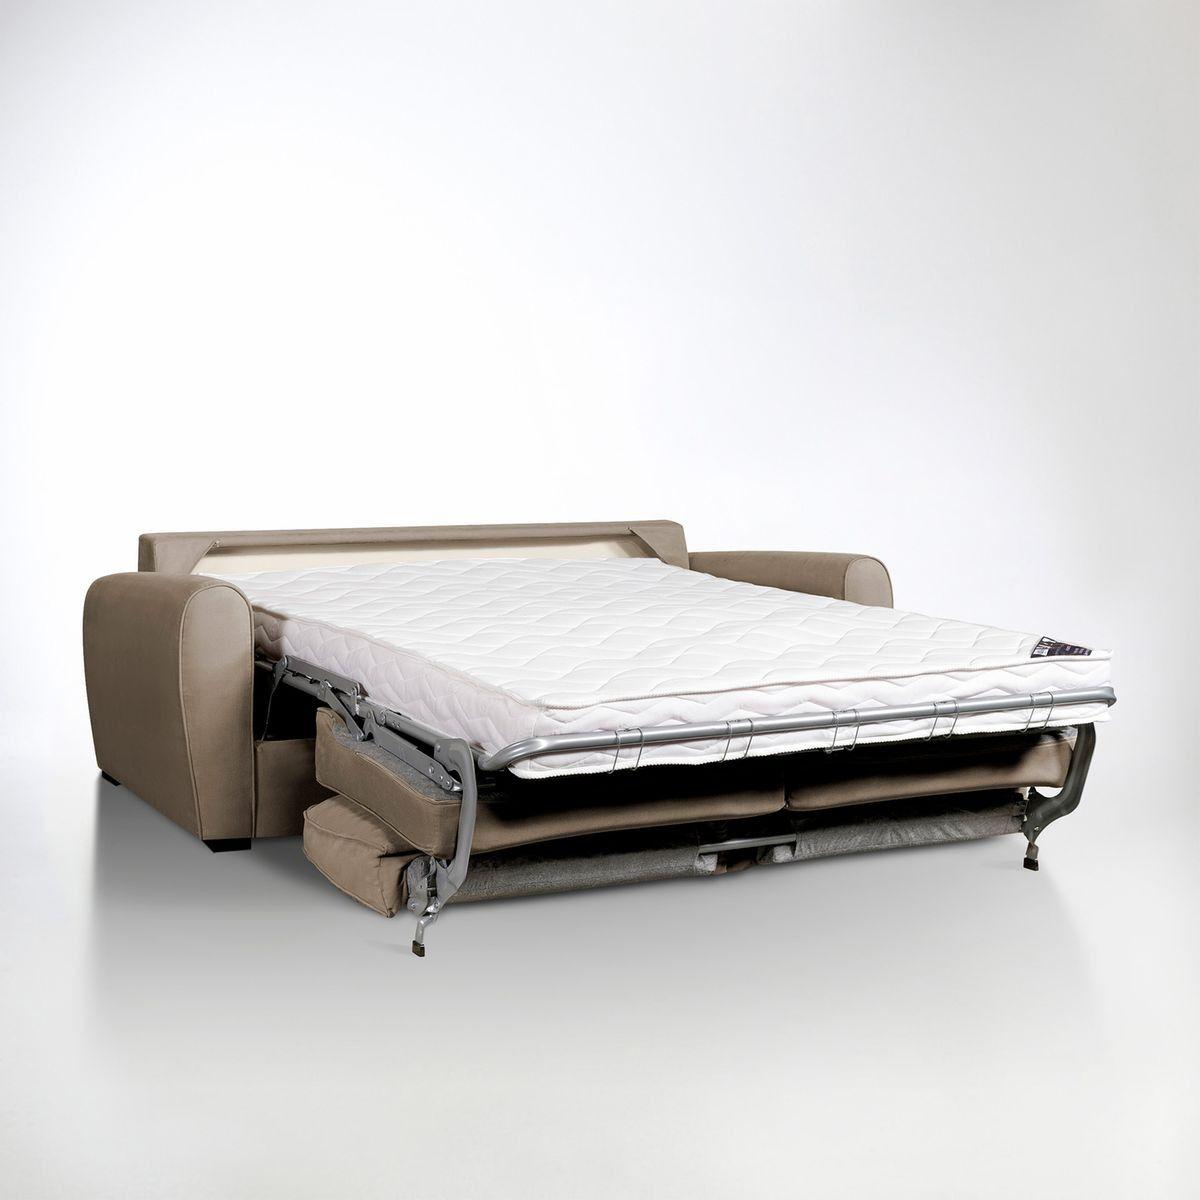 Canape Lit Convertible Coton Nalpha Taille 2 Places 3 Places 4 Places Canape Lit Convertible Lit Convertible Et Canape Lit